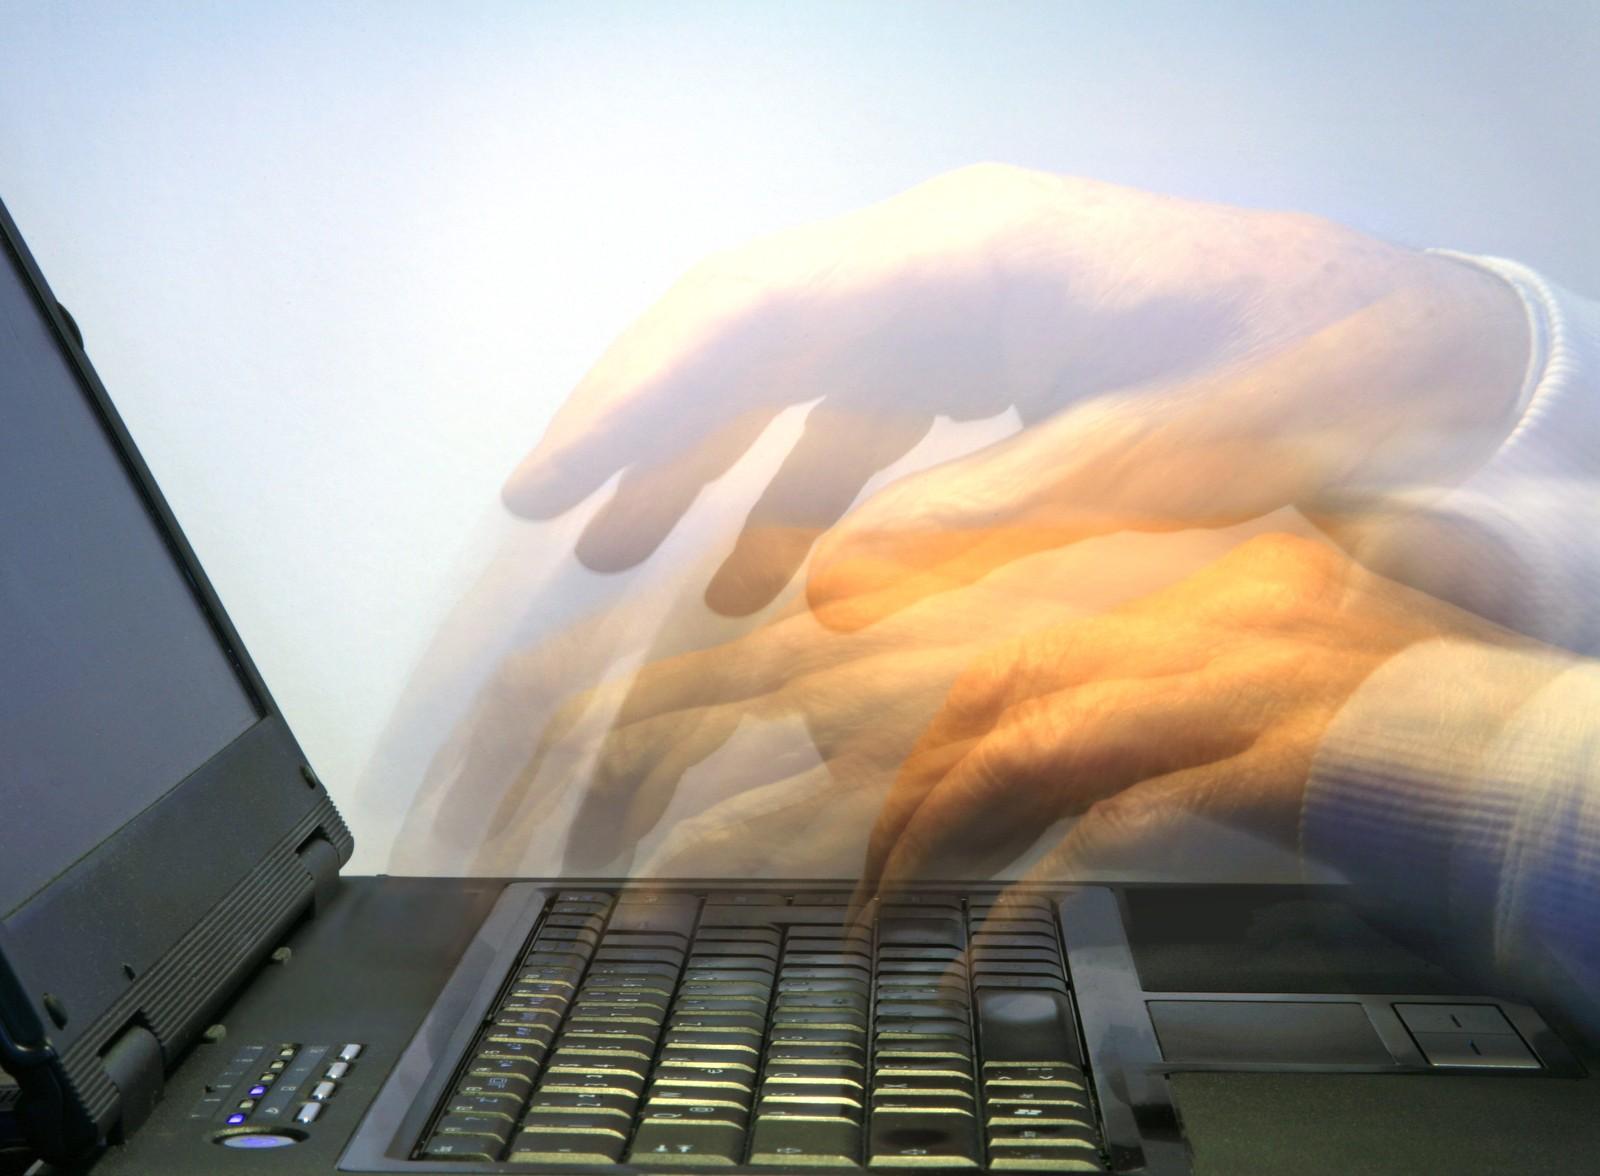 Bei Bewerbungen per E-Mail schleichen sich oft kleine Fehler ein. Mit diesen 8 Tipps können solche vermieden werden.